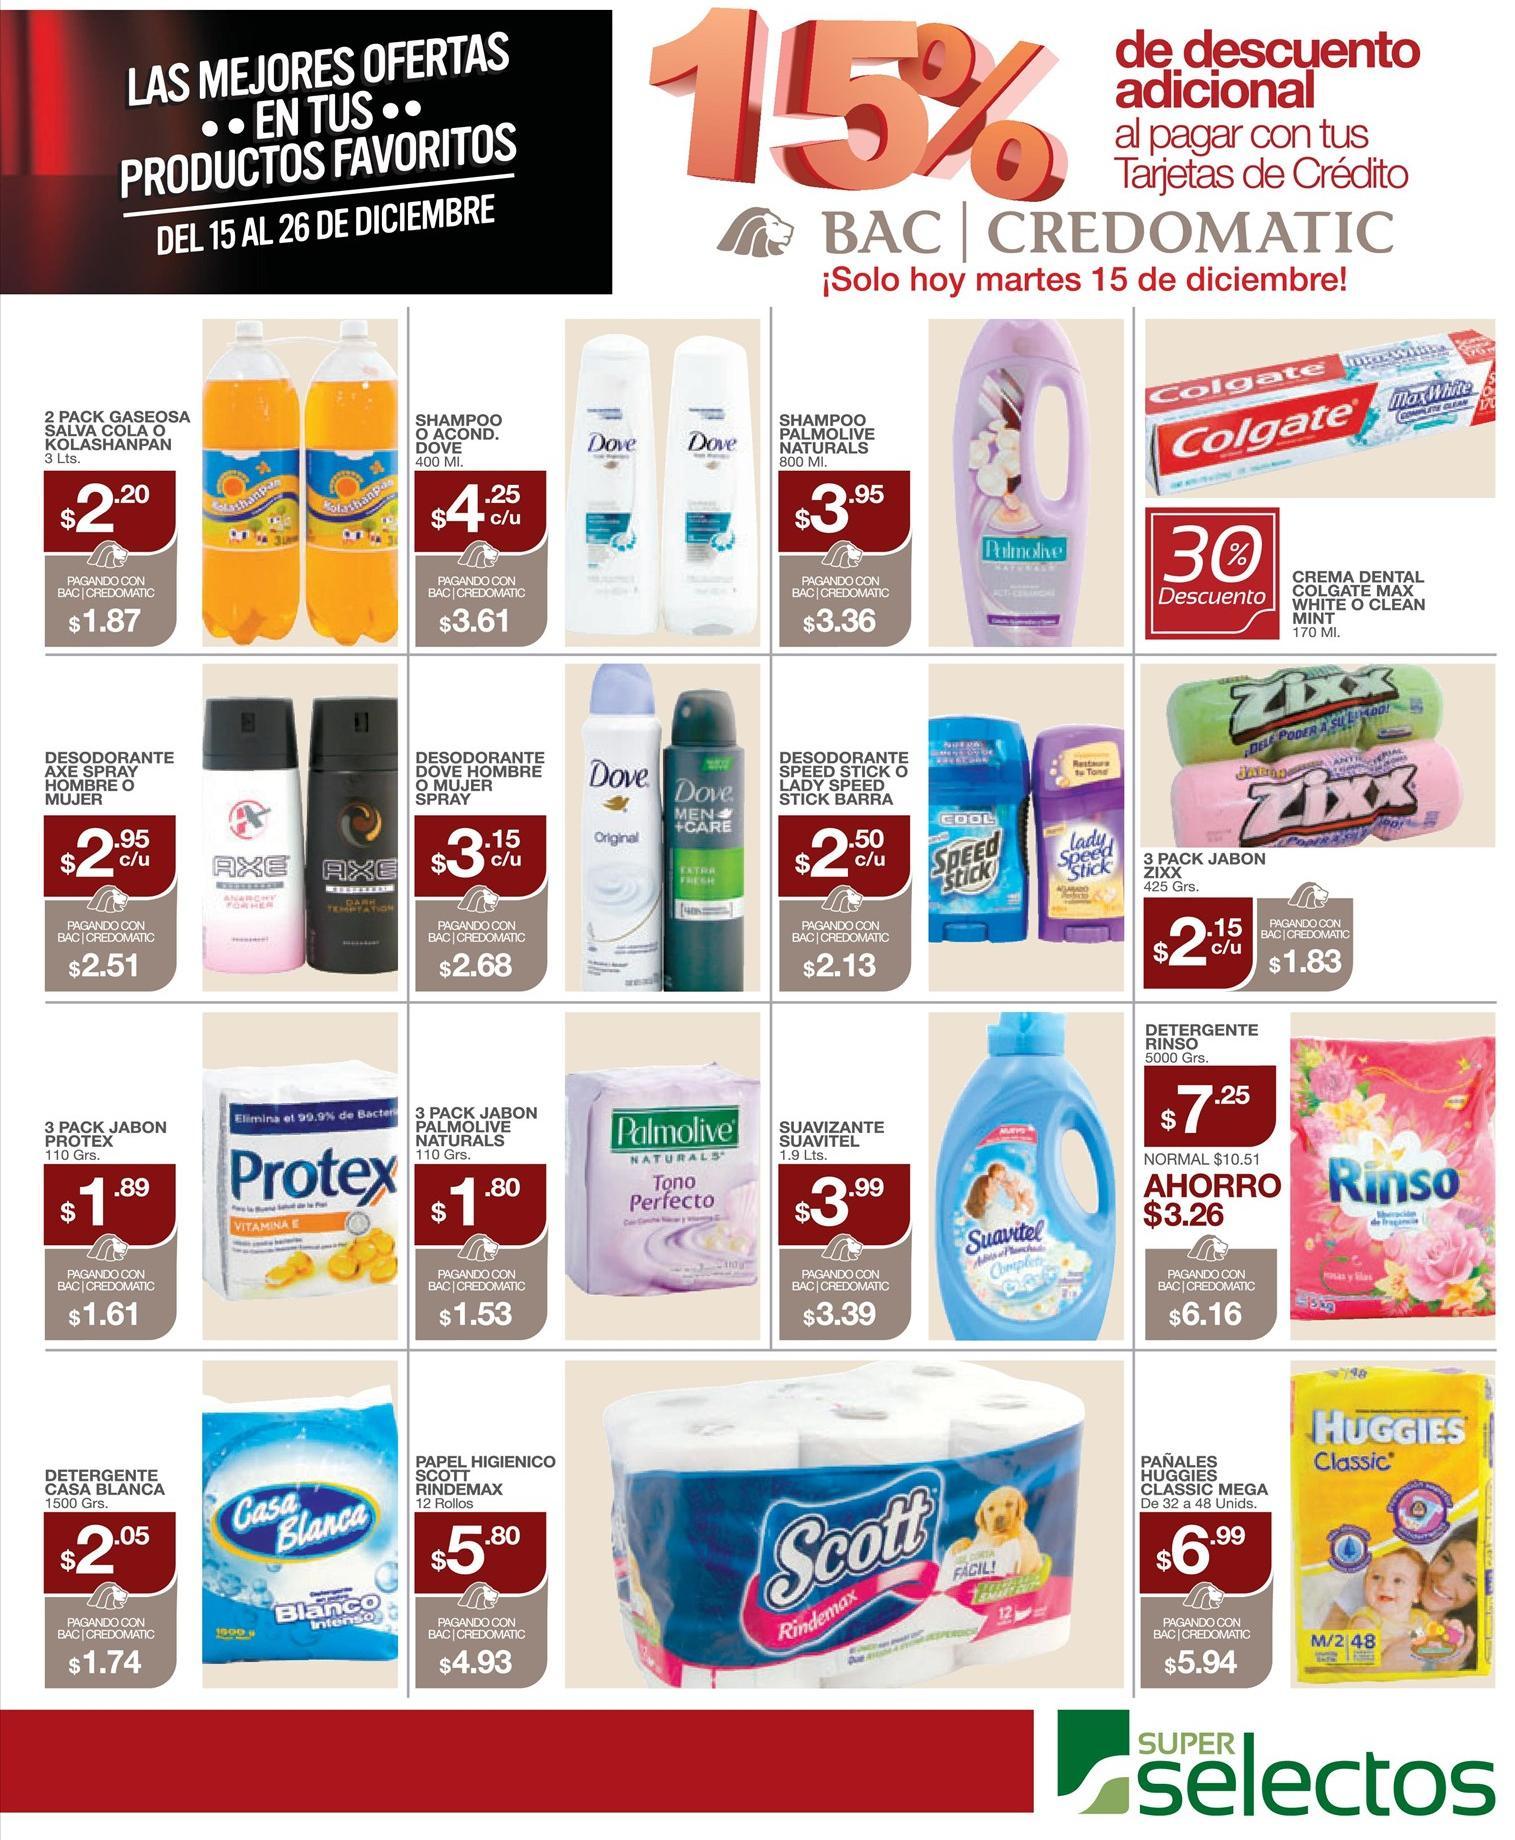 CREDOMATIC 15 off en tus productos favoritos SELECTOS - 15dic15